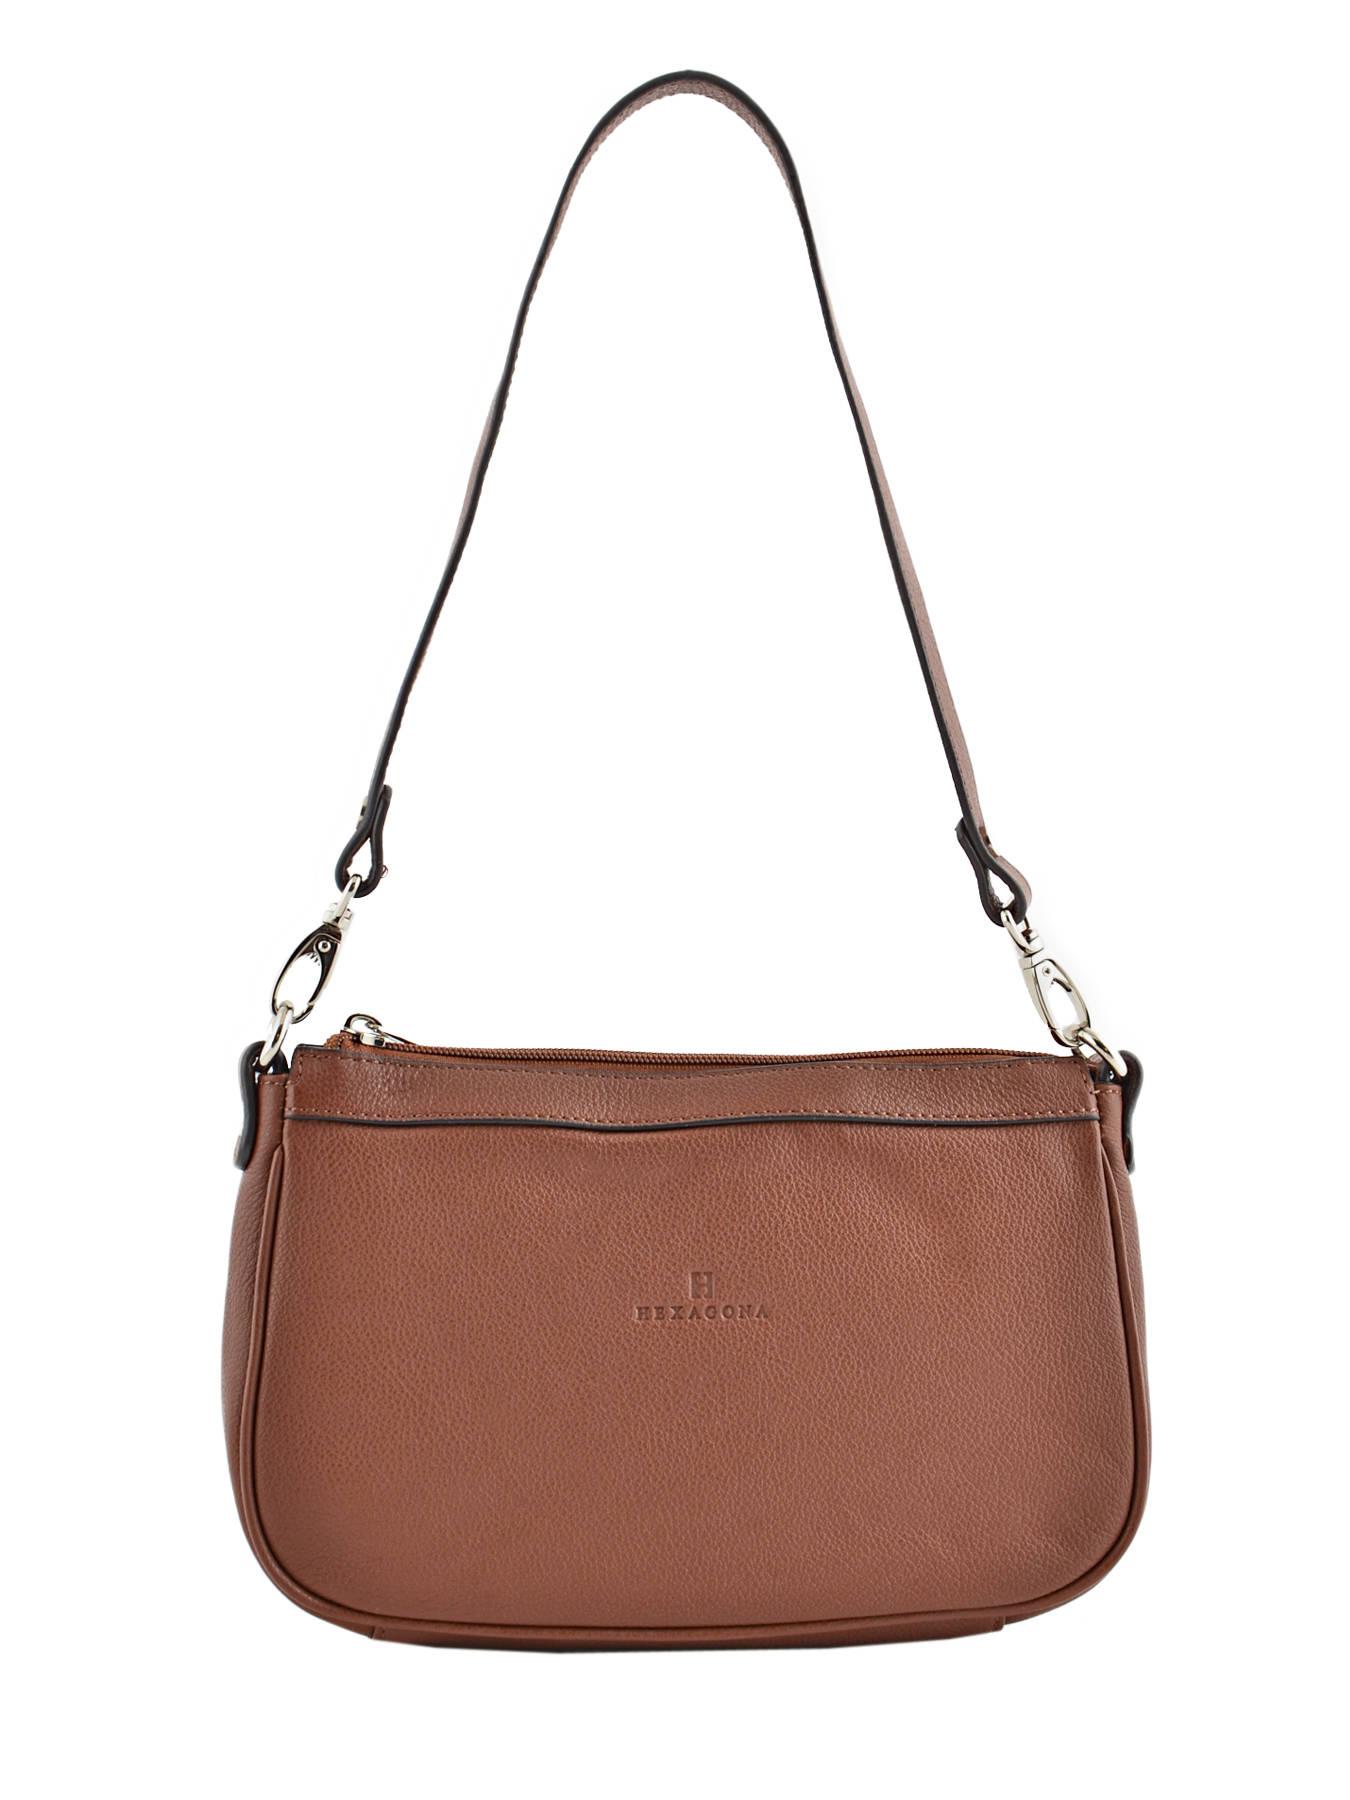 c000f4cabc02 Pretty shoulder bag …